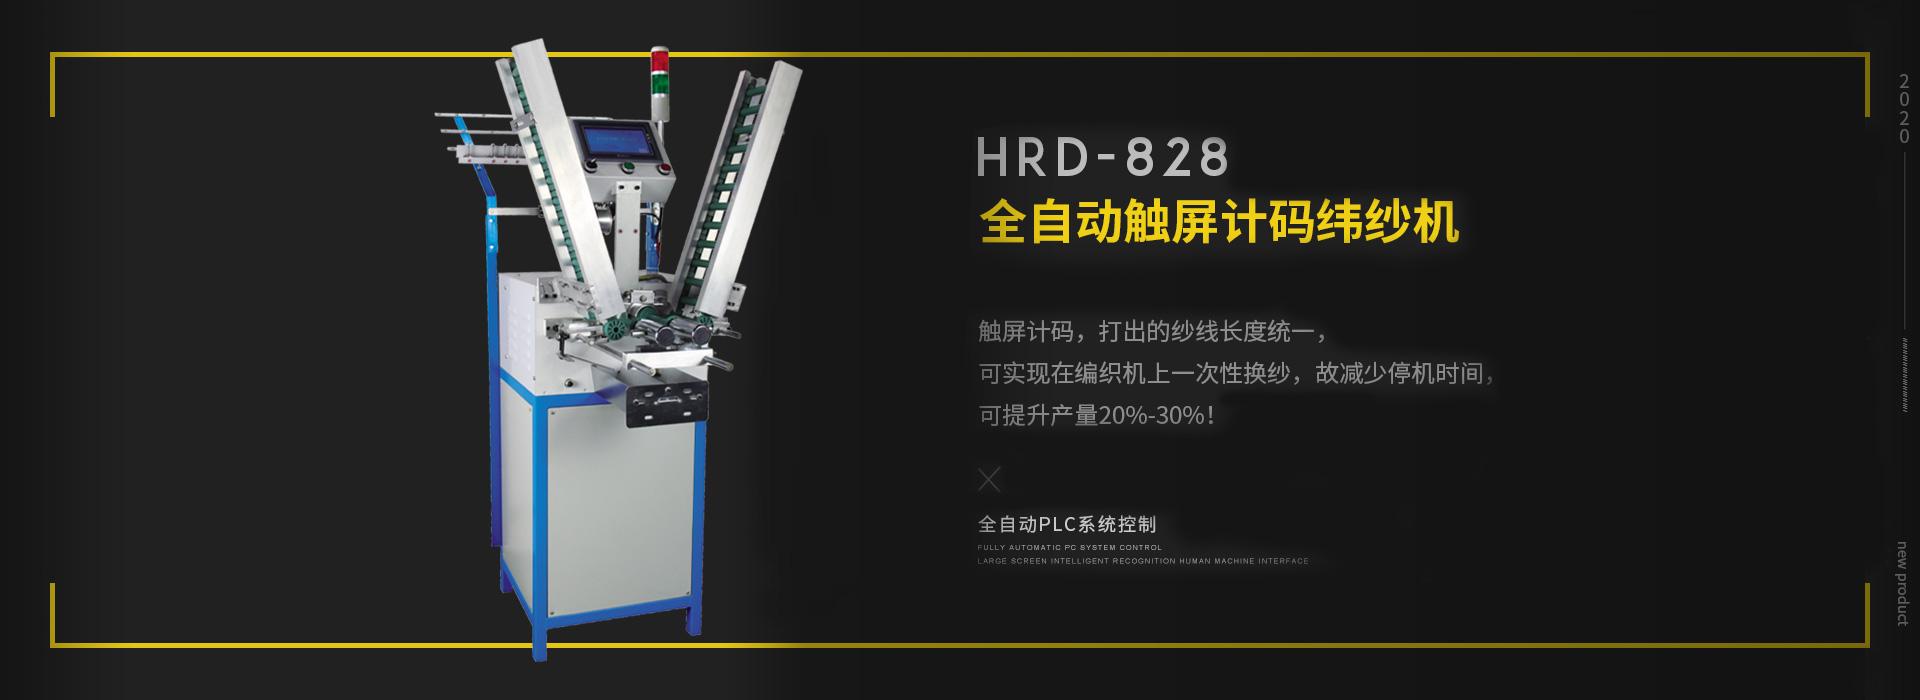 全自动双锭计码纬纱机HRD-828